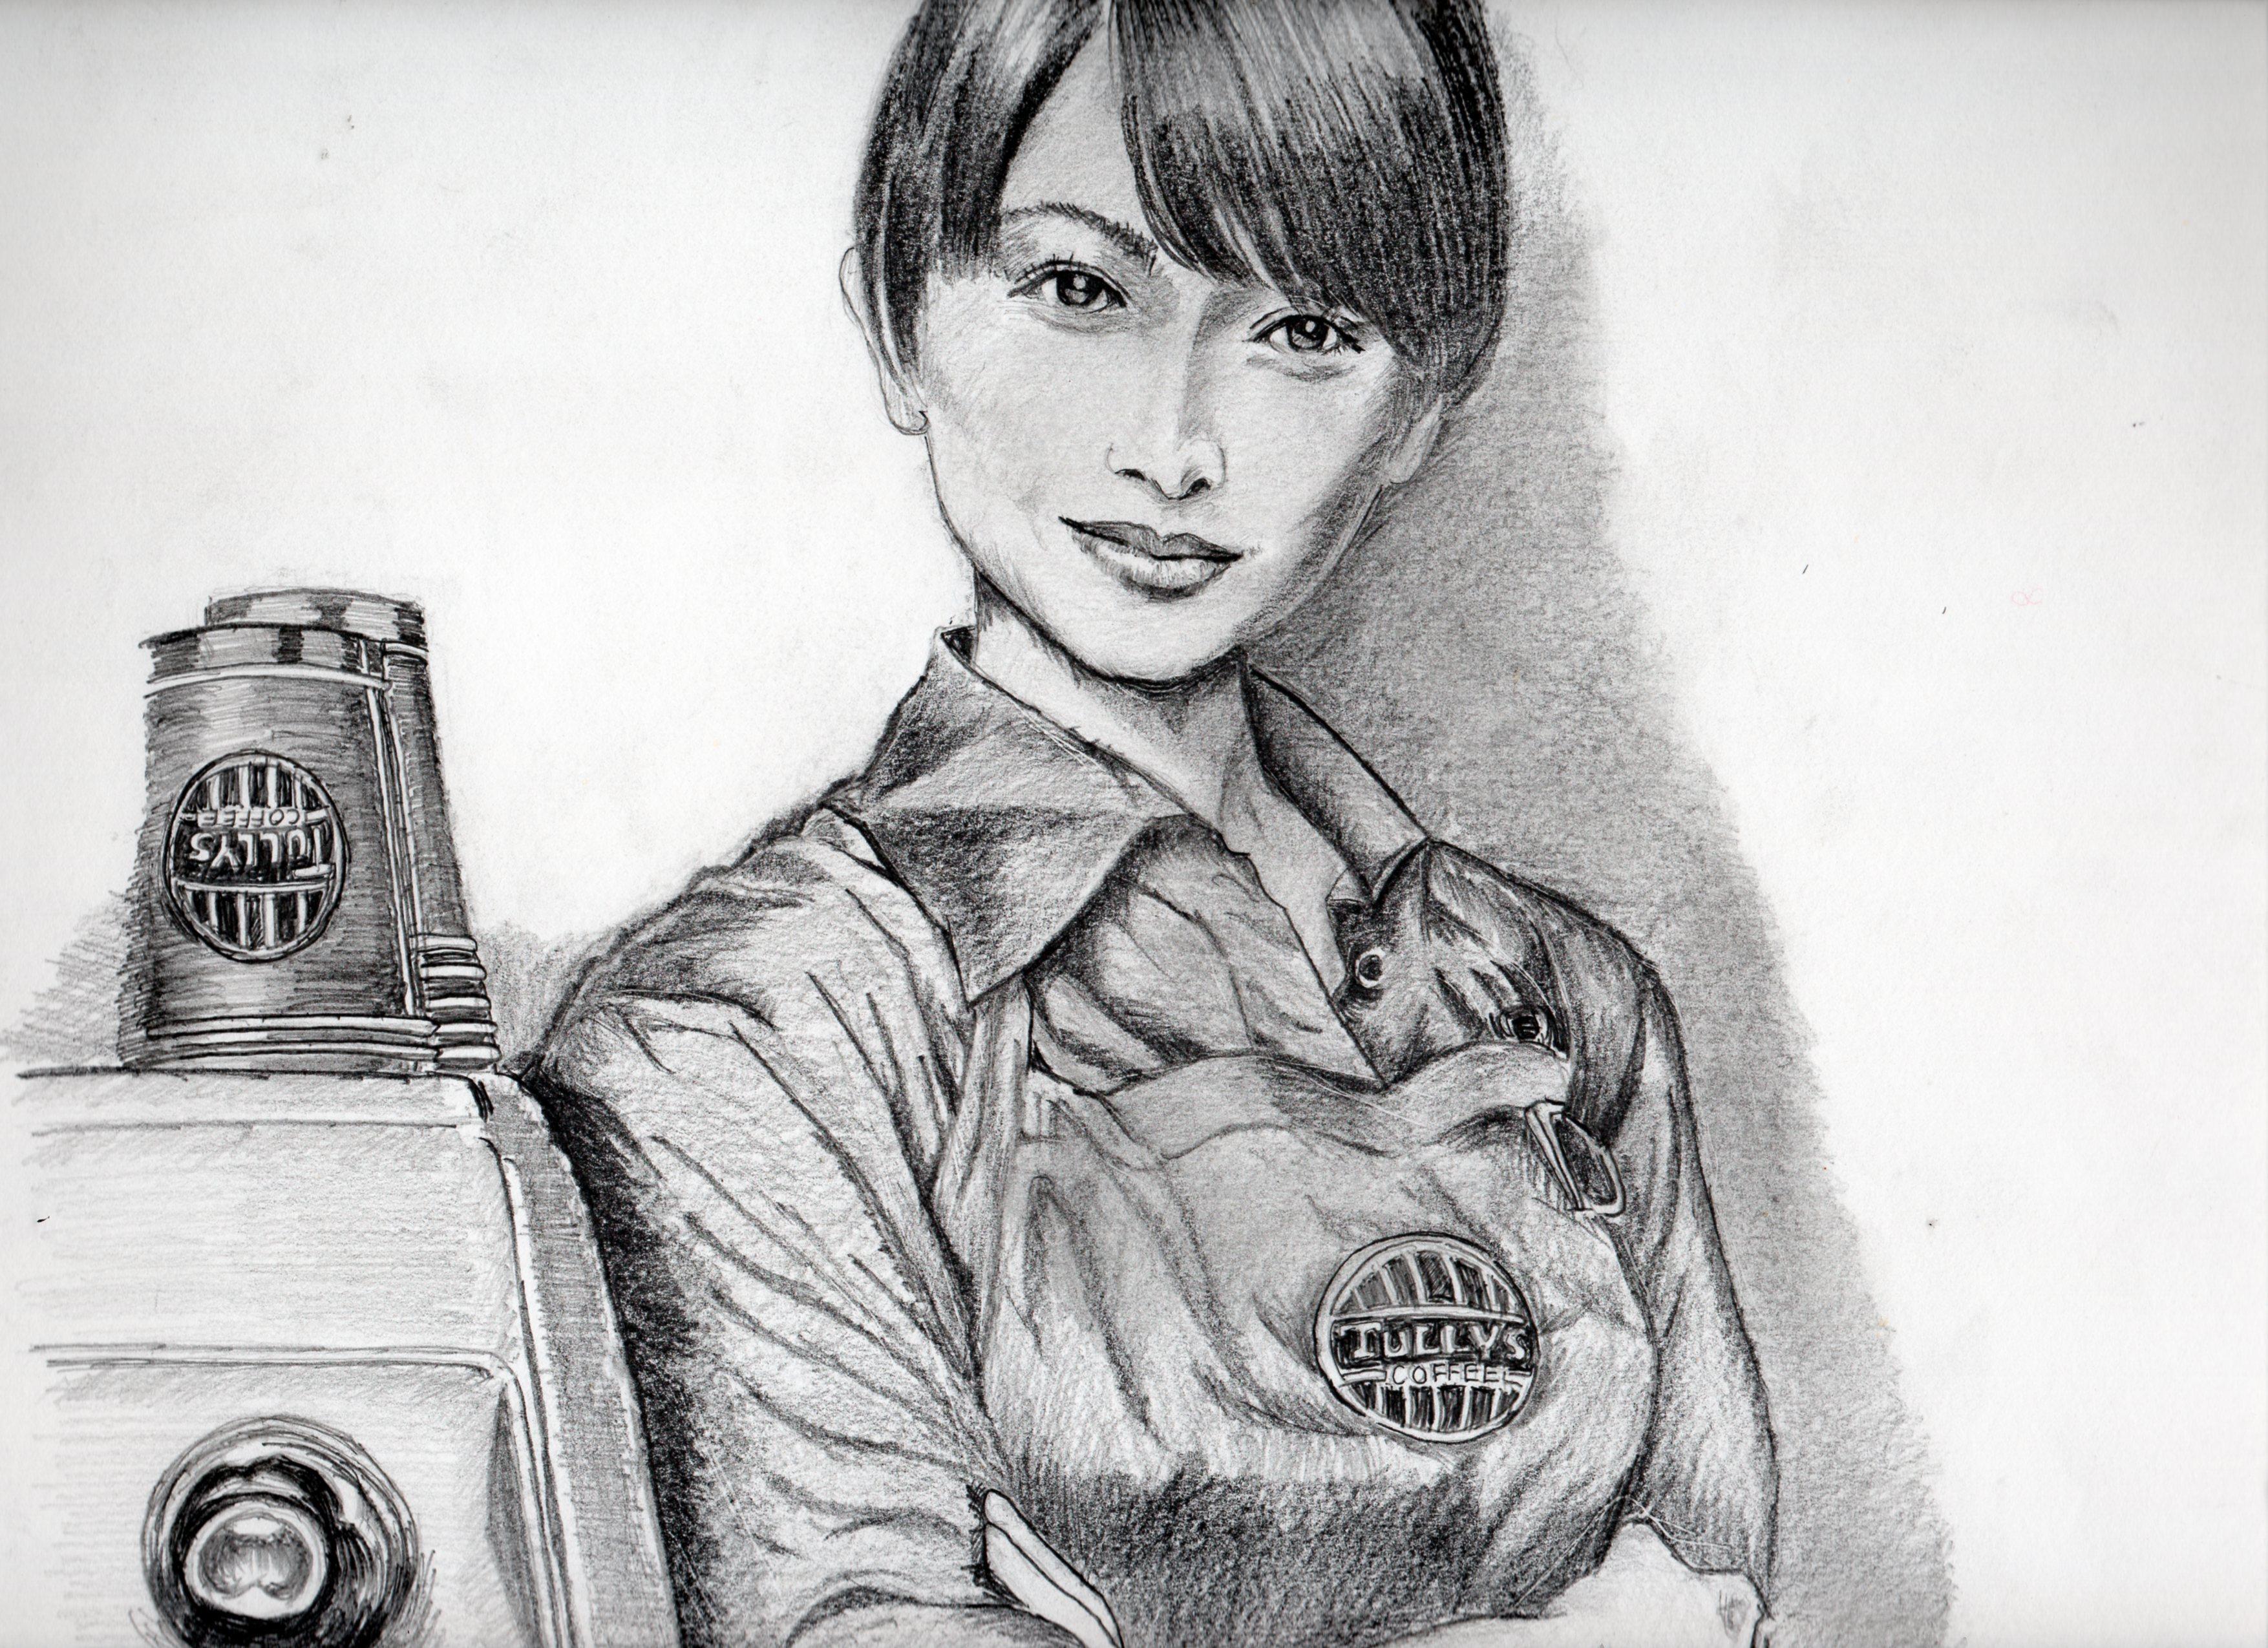 真木よう子の鉛筆画似顔、絵真木よう子のリアル鉛筆画似顔絵